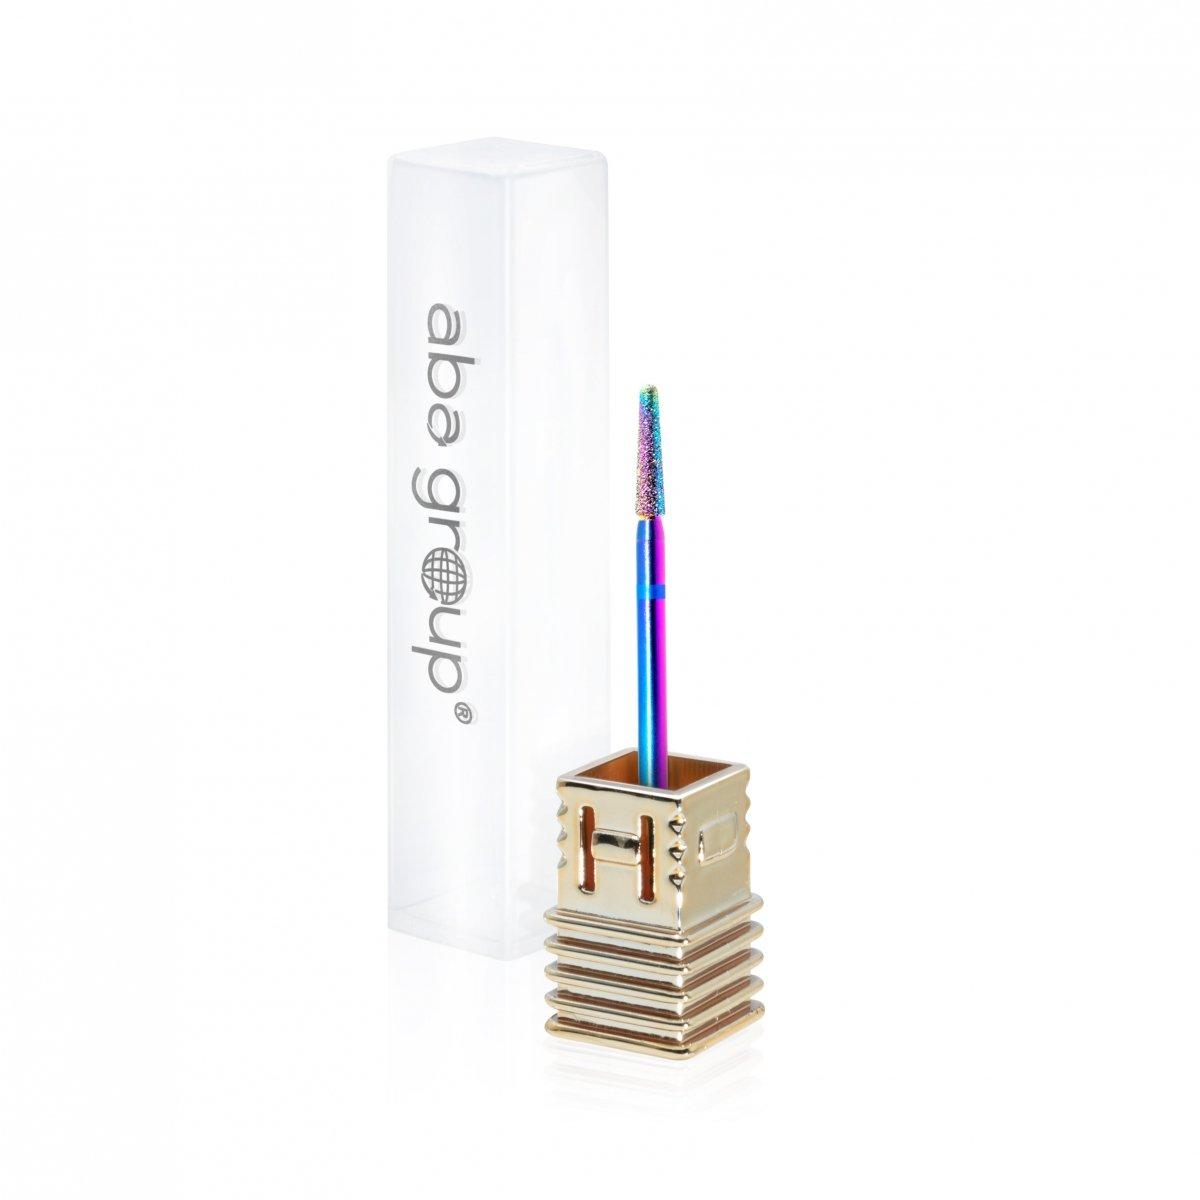 Frez Diamentowy Aba Group 720 11 R New Rainbow Frez